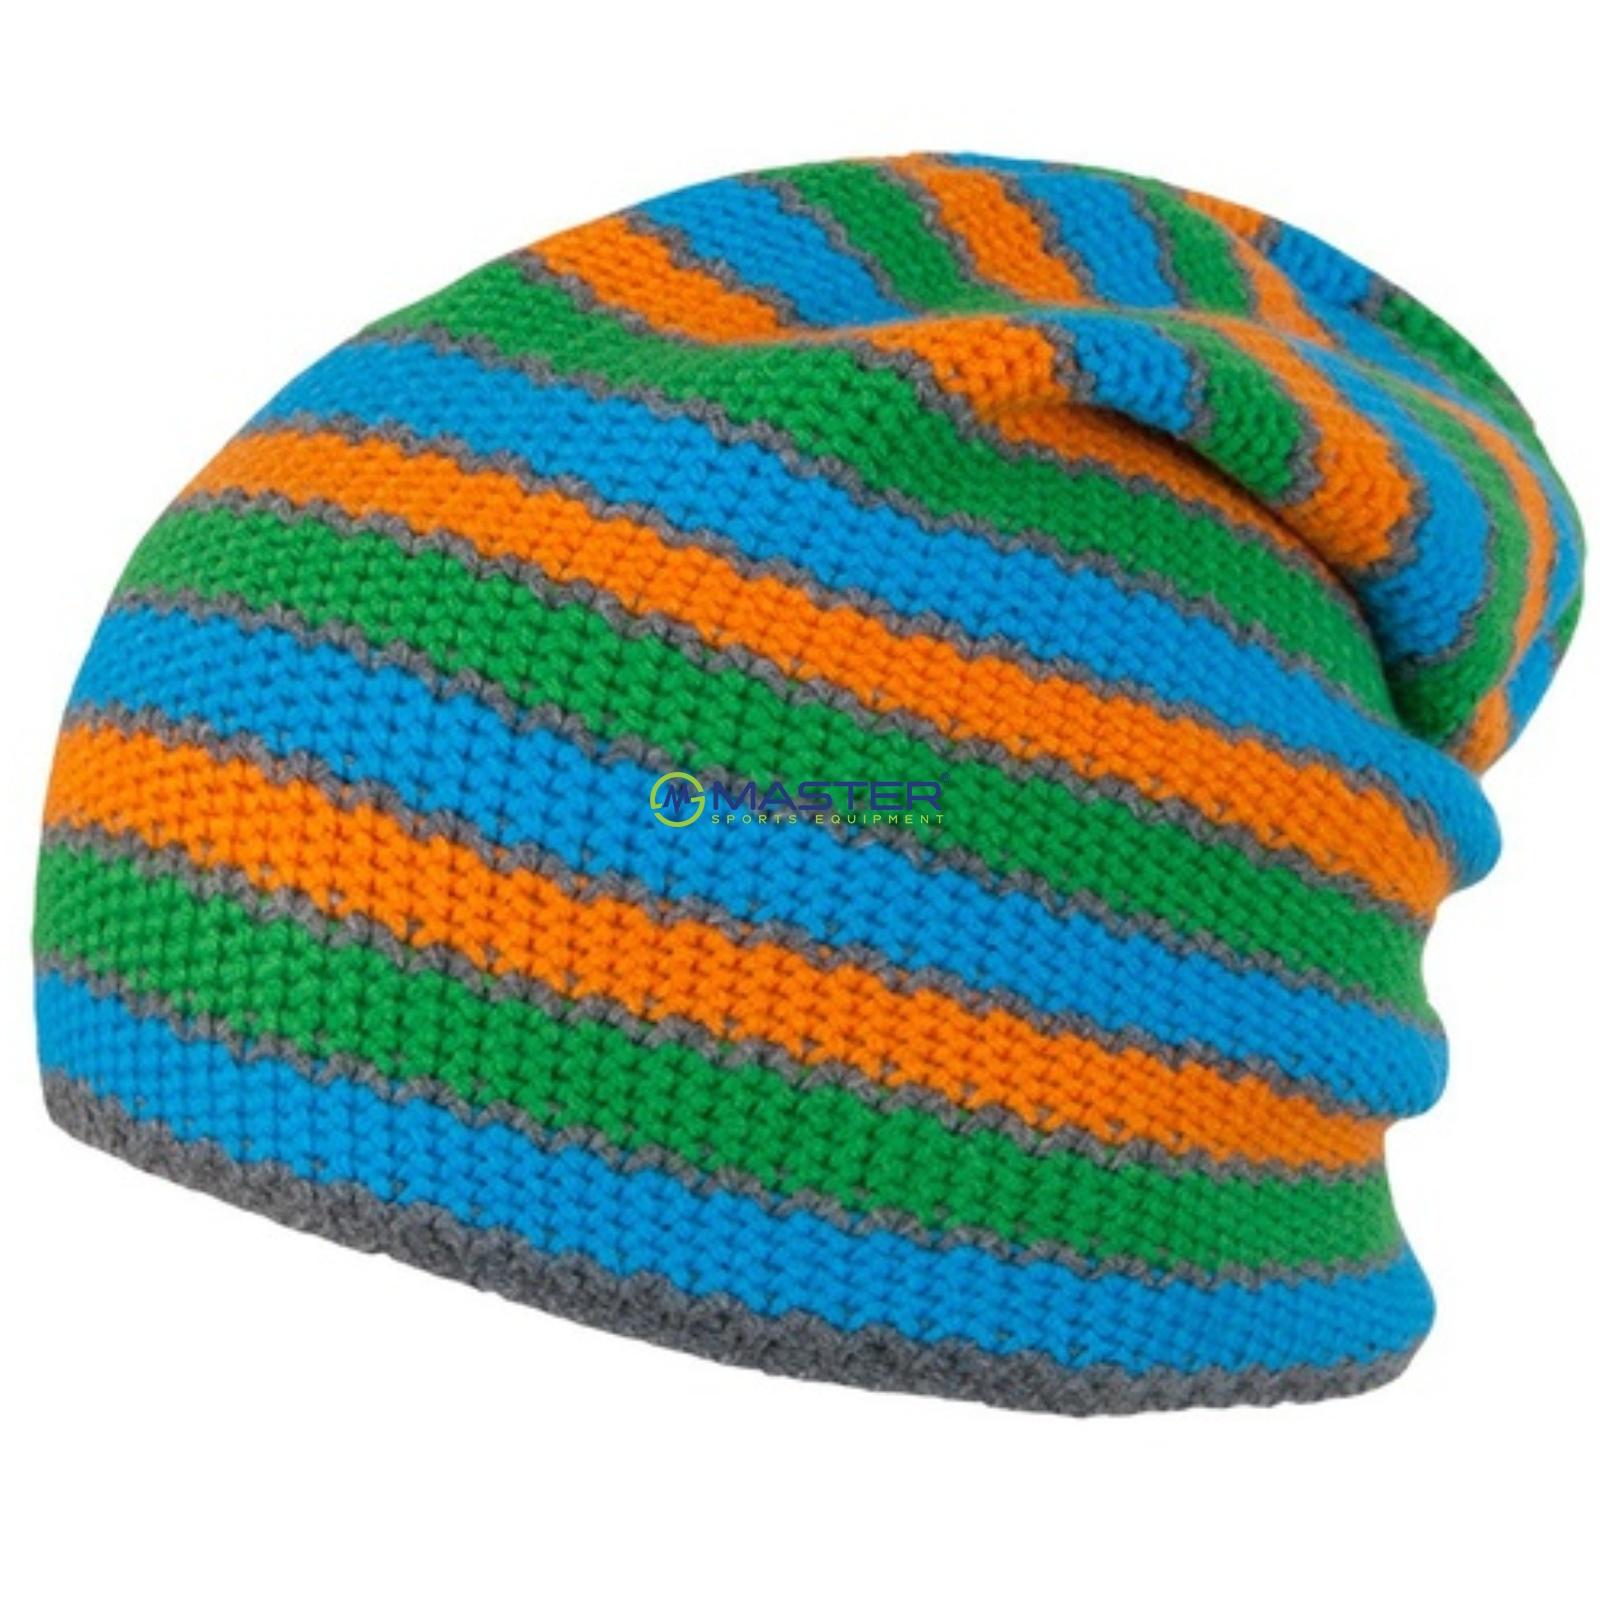 fd4a56c2d6a Čepice SENSOR STRIPES modro-zeleno-oranžová